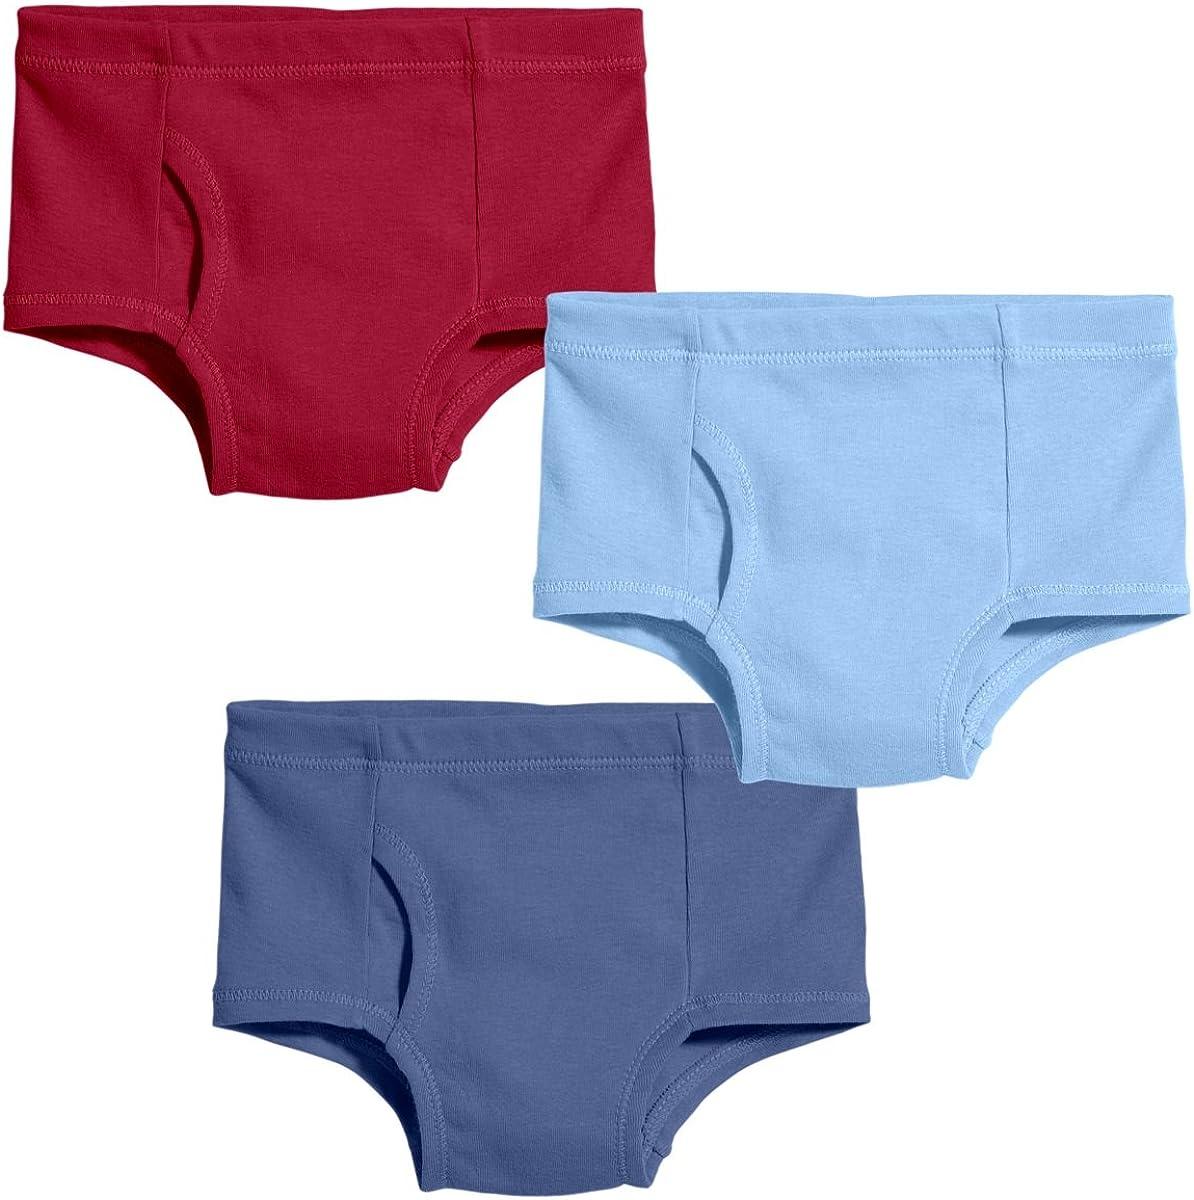 City Threads Boys 100/% Certified Organic Cotton Briefs Underwear Made in USA